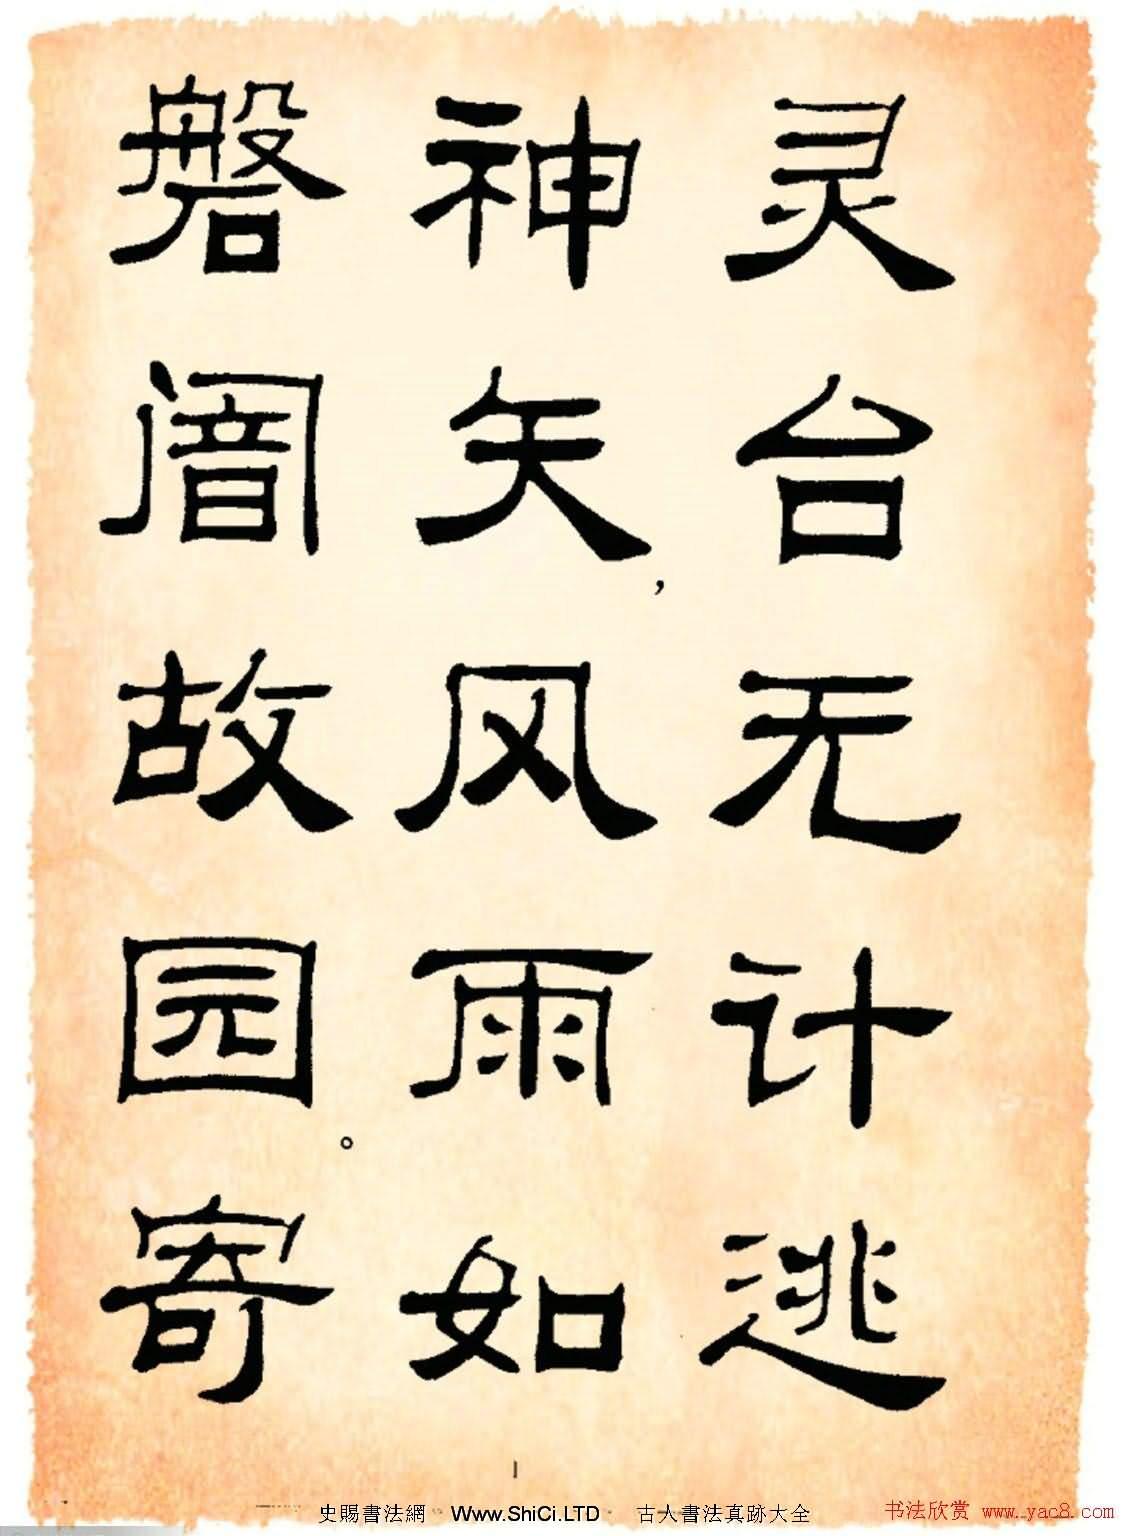 書法隸書字帖魯迅詩歌選(共29張圖片)